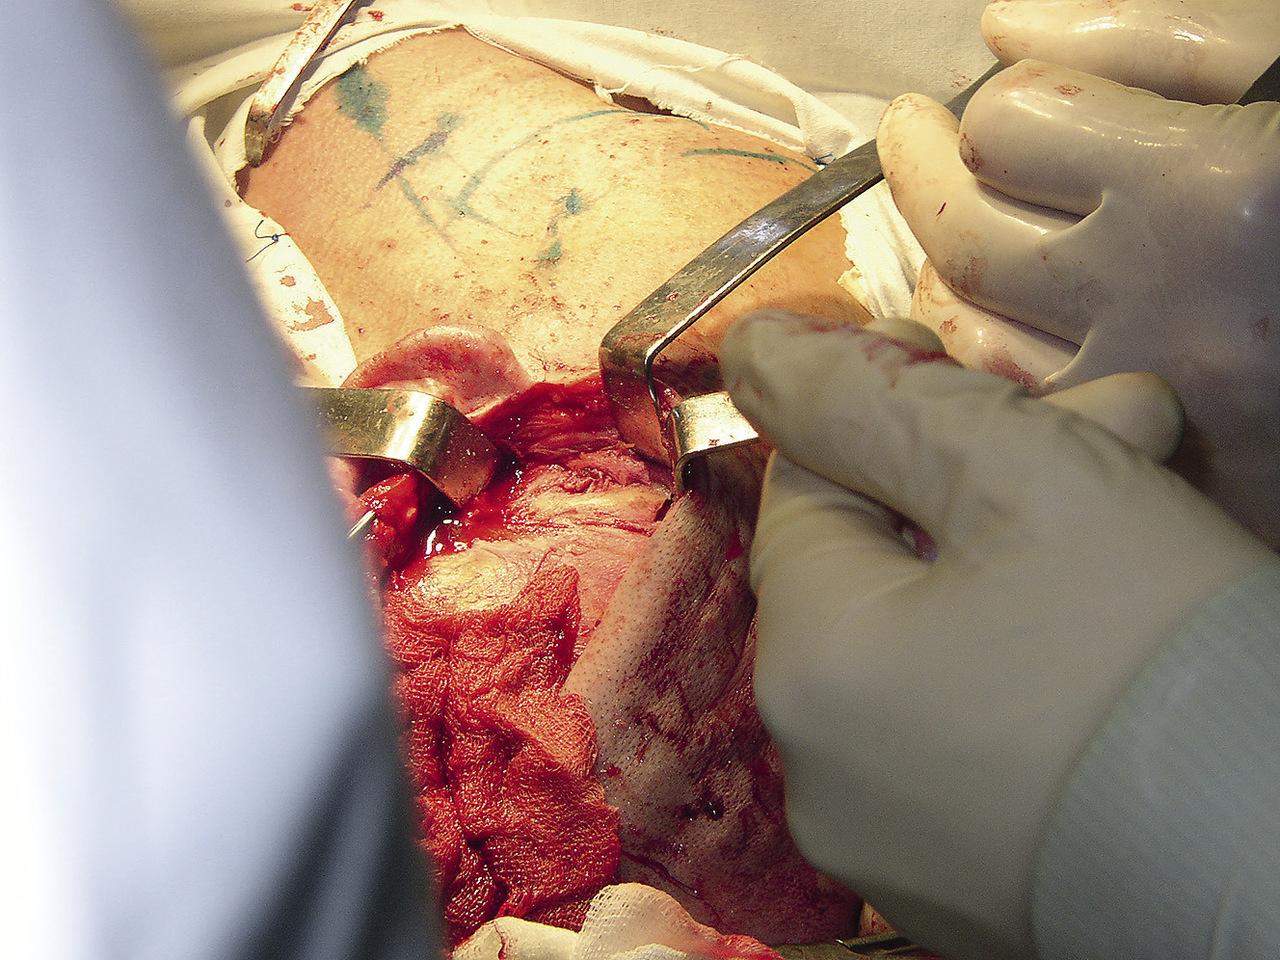 Рис. 4. Операционная рана, венечный доступ, остеотомия скуловой дуги: 1 — скуловая дуга, 2 — области остеотомий.